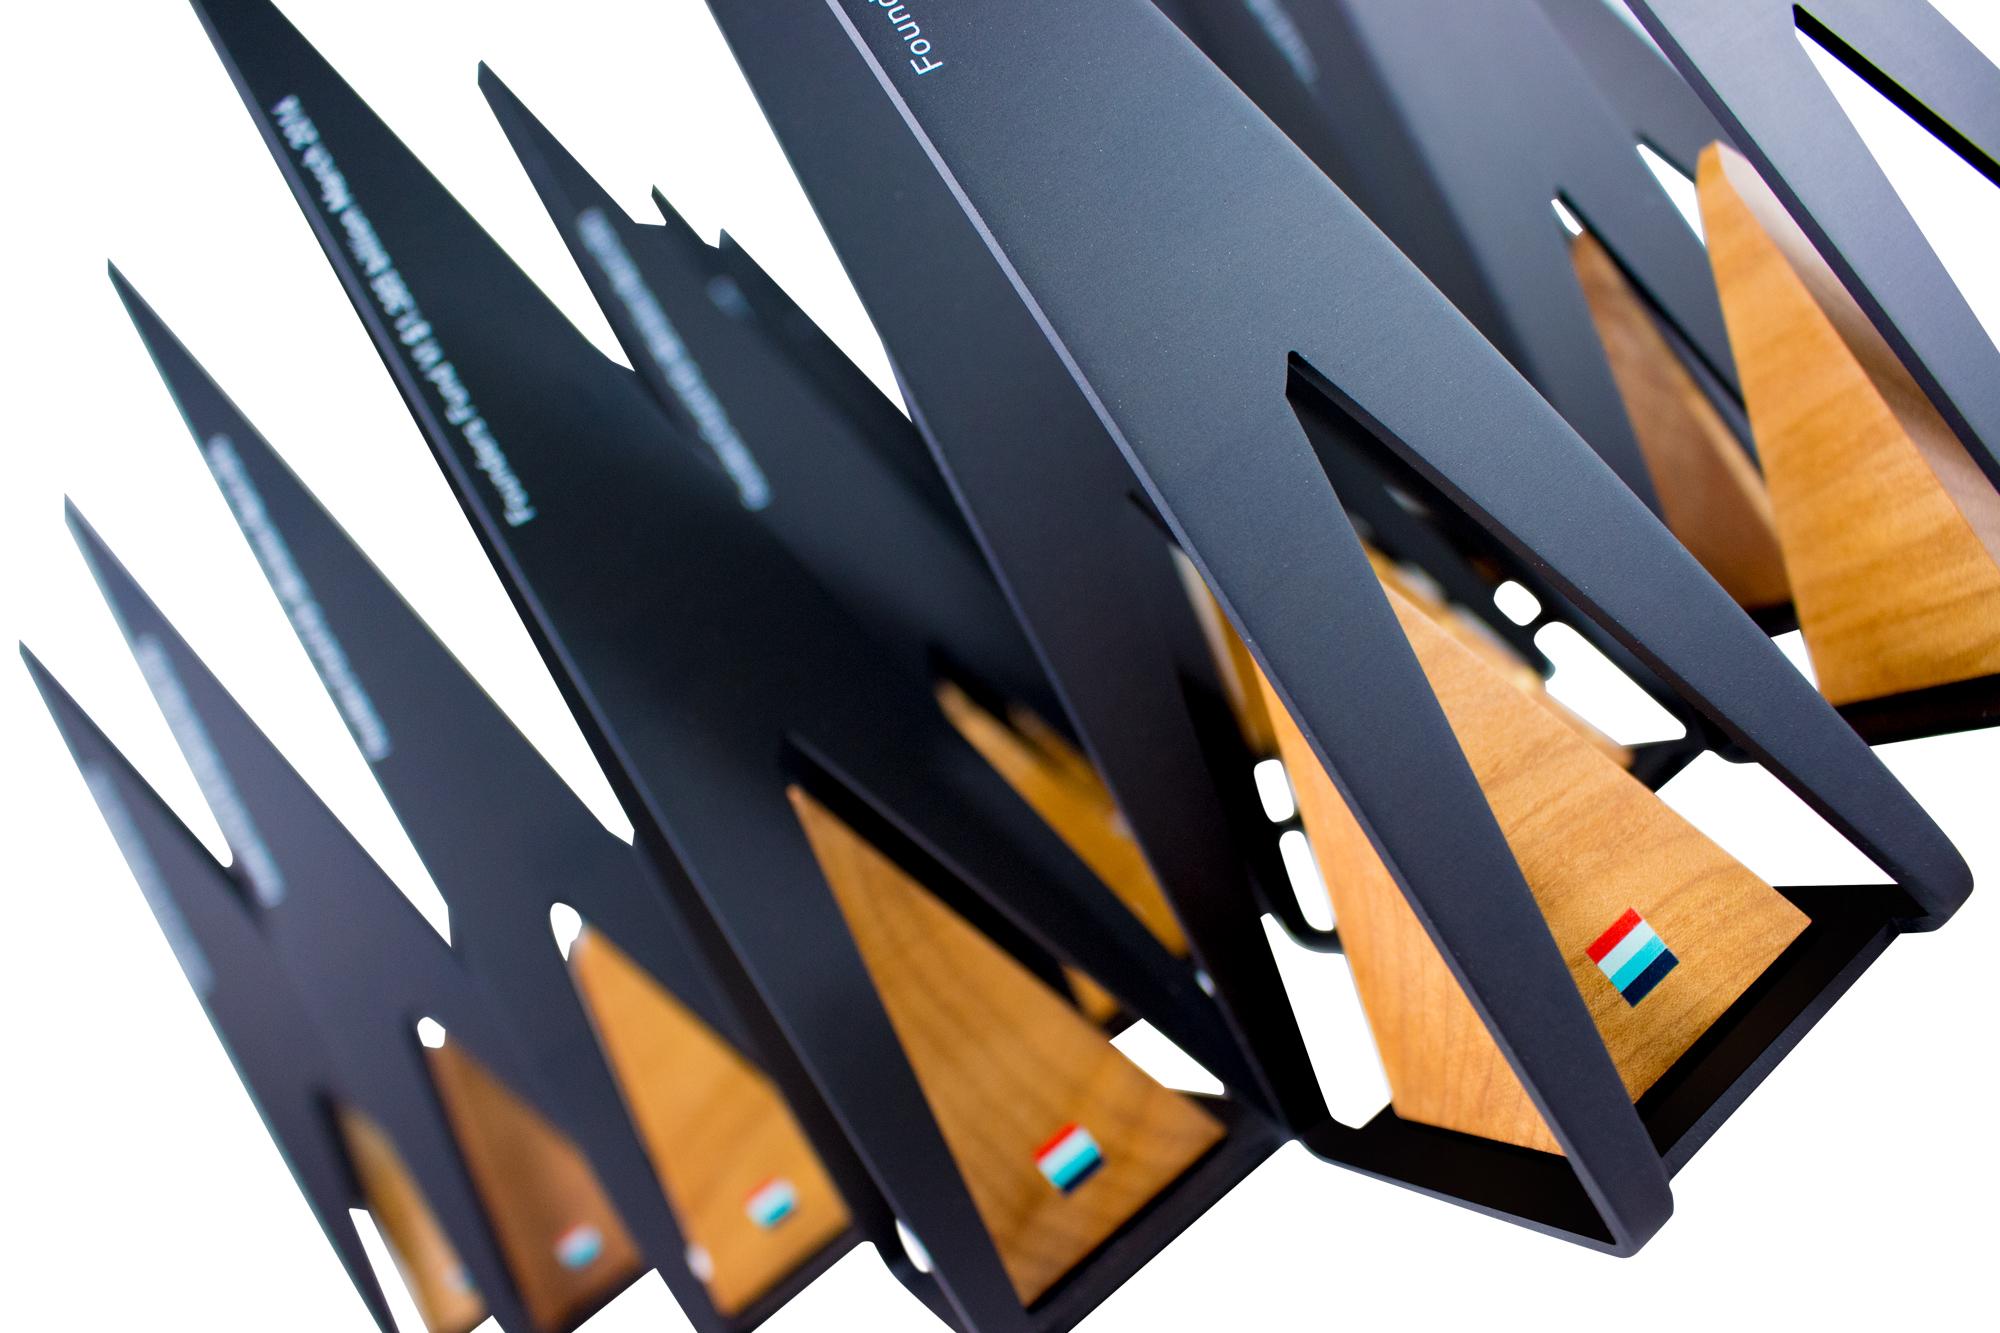 plaques, trophies, custom trophies, trophy, trophy and awards, trophy plaque, custom awards, glass trophy, trophy awards, hockey trophy, trophies and awards, awards trophies, trophies & awards